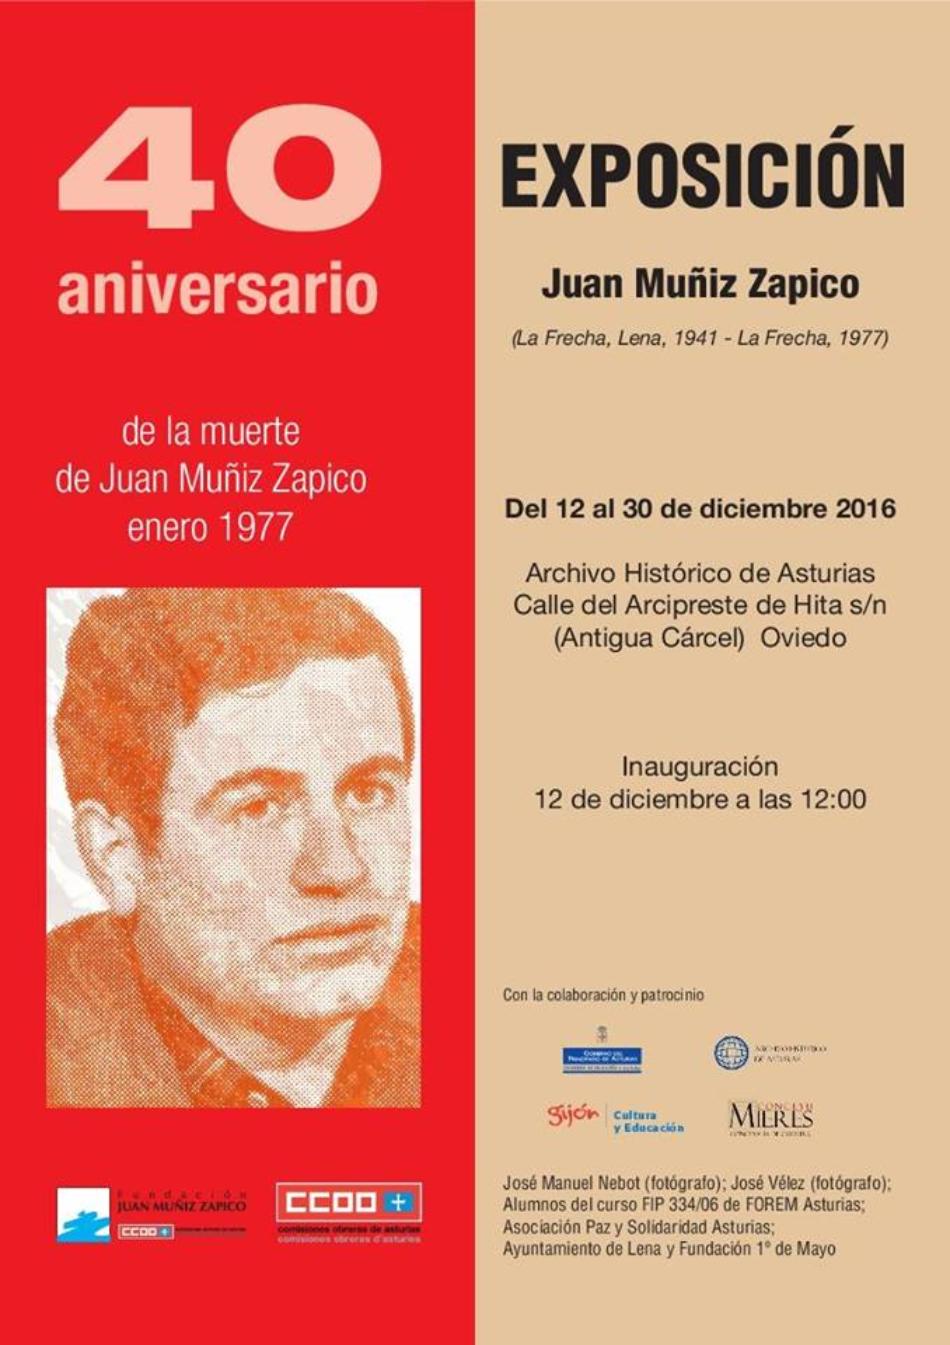 Exposición sobre Juan Muñiz Zapico reivindica la importancia de esta figura en la cercanía del 40 aniversario de su muerte